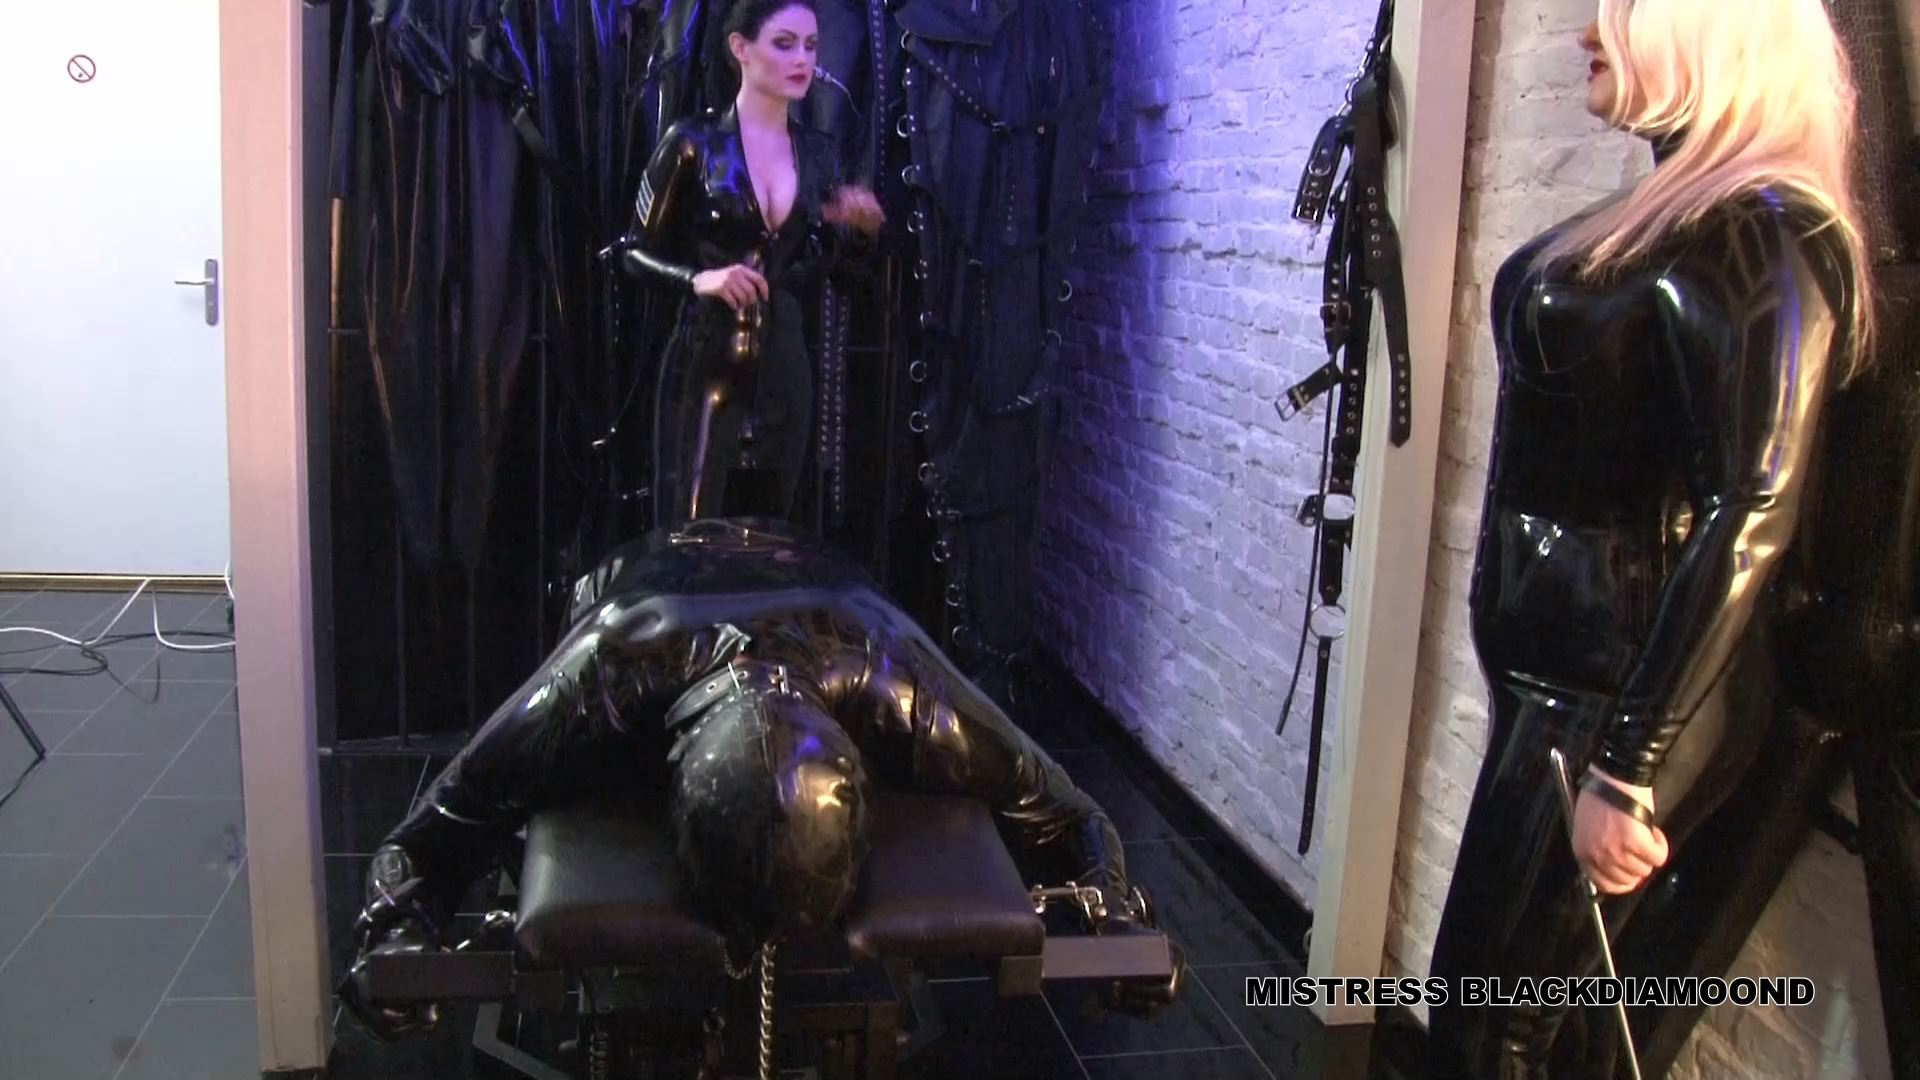 Mistress Blackdiamoond In Scene: Crushing In Latex Part 2 - CLIPS4SALE / MISTRESS BLACKDIAMOOND - FULL HD/1080p/MP4